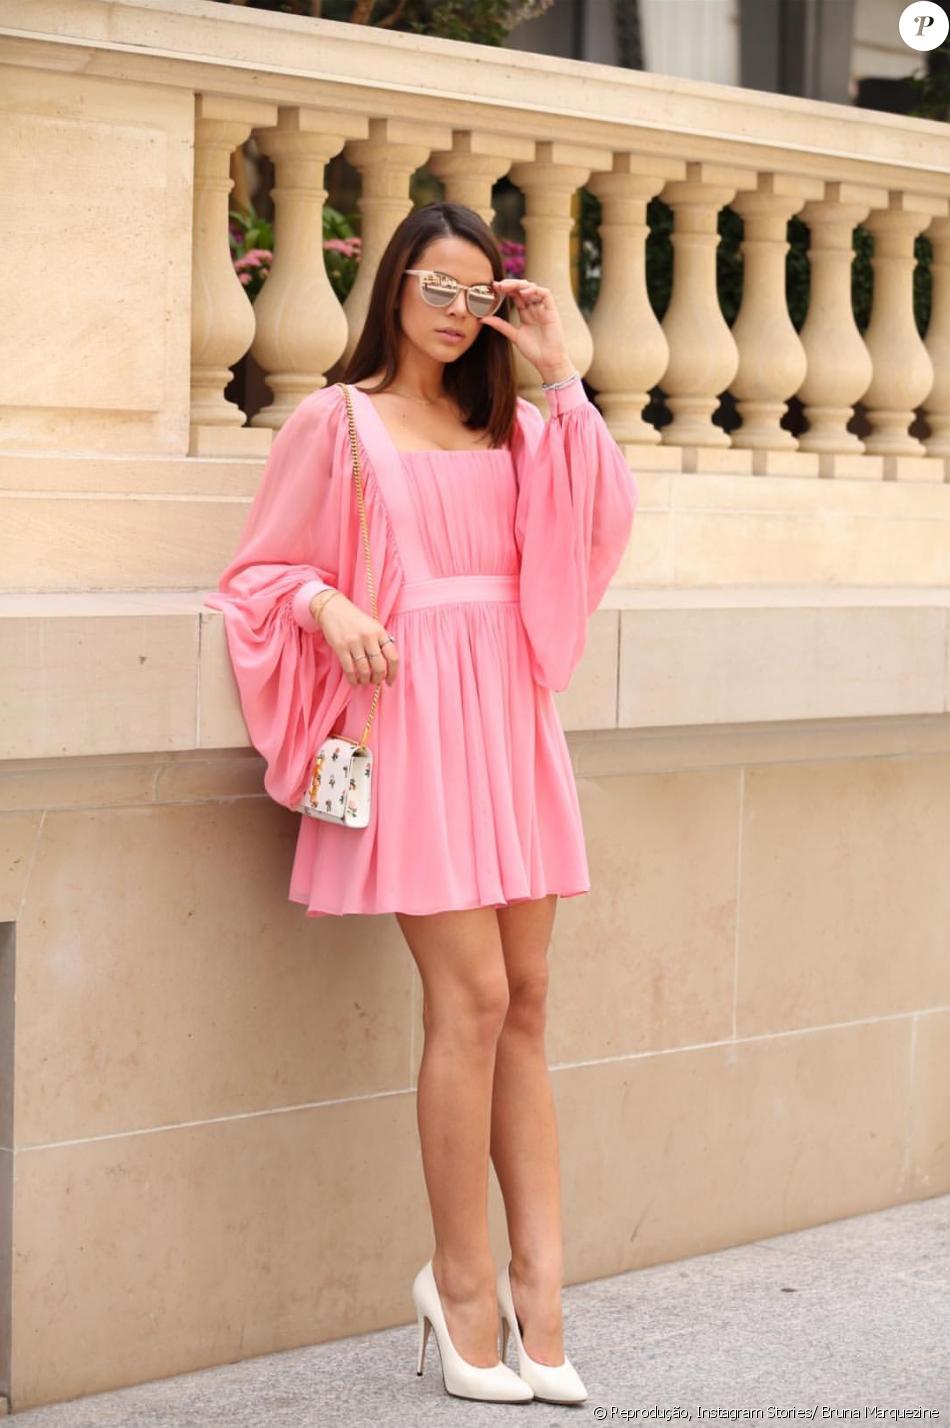 Bruna Marquezine usou vestido Reinaldo Lourenço verão 2018 em Paris e  compartilhou a foto do look 9c4bd5b9e6